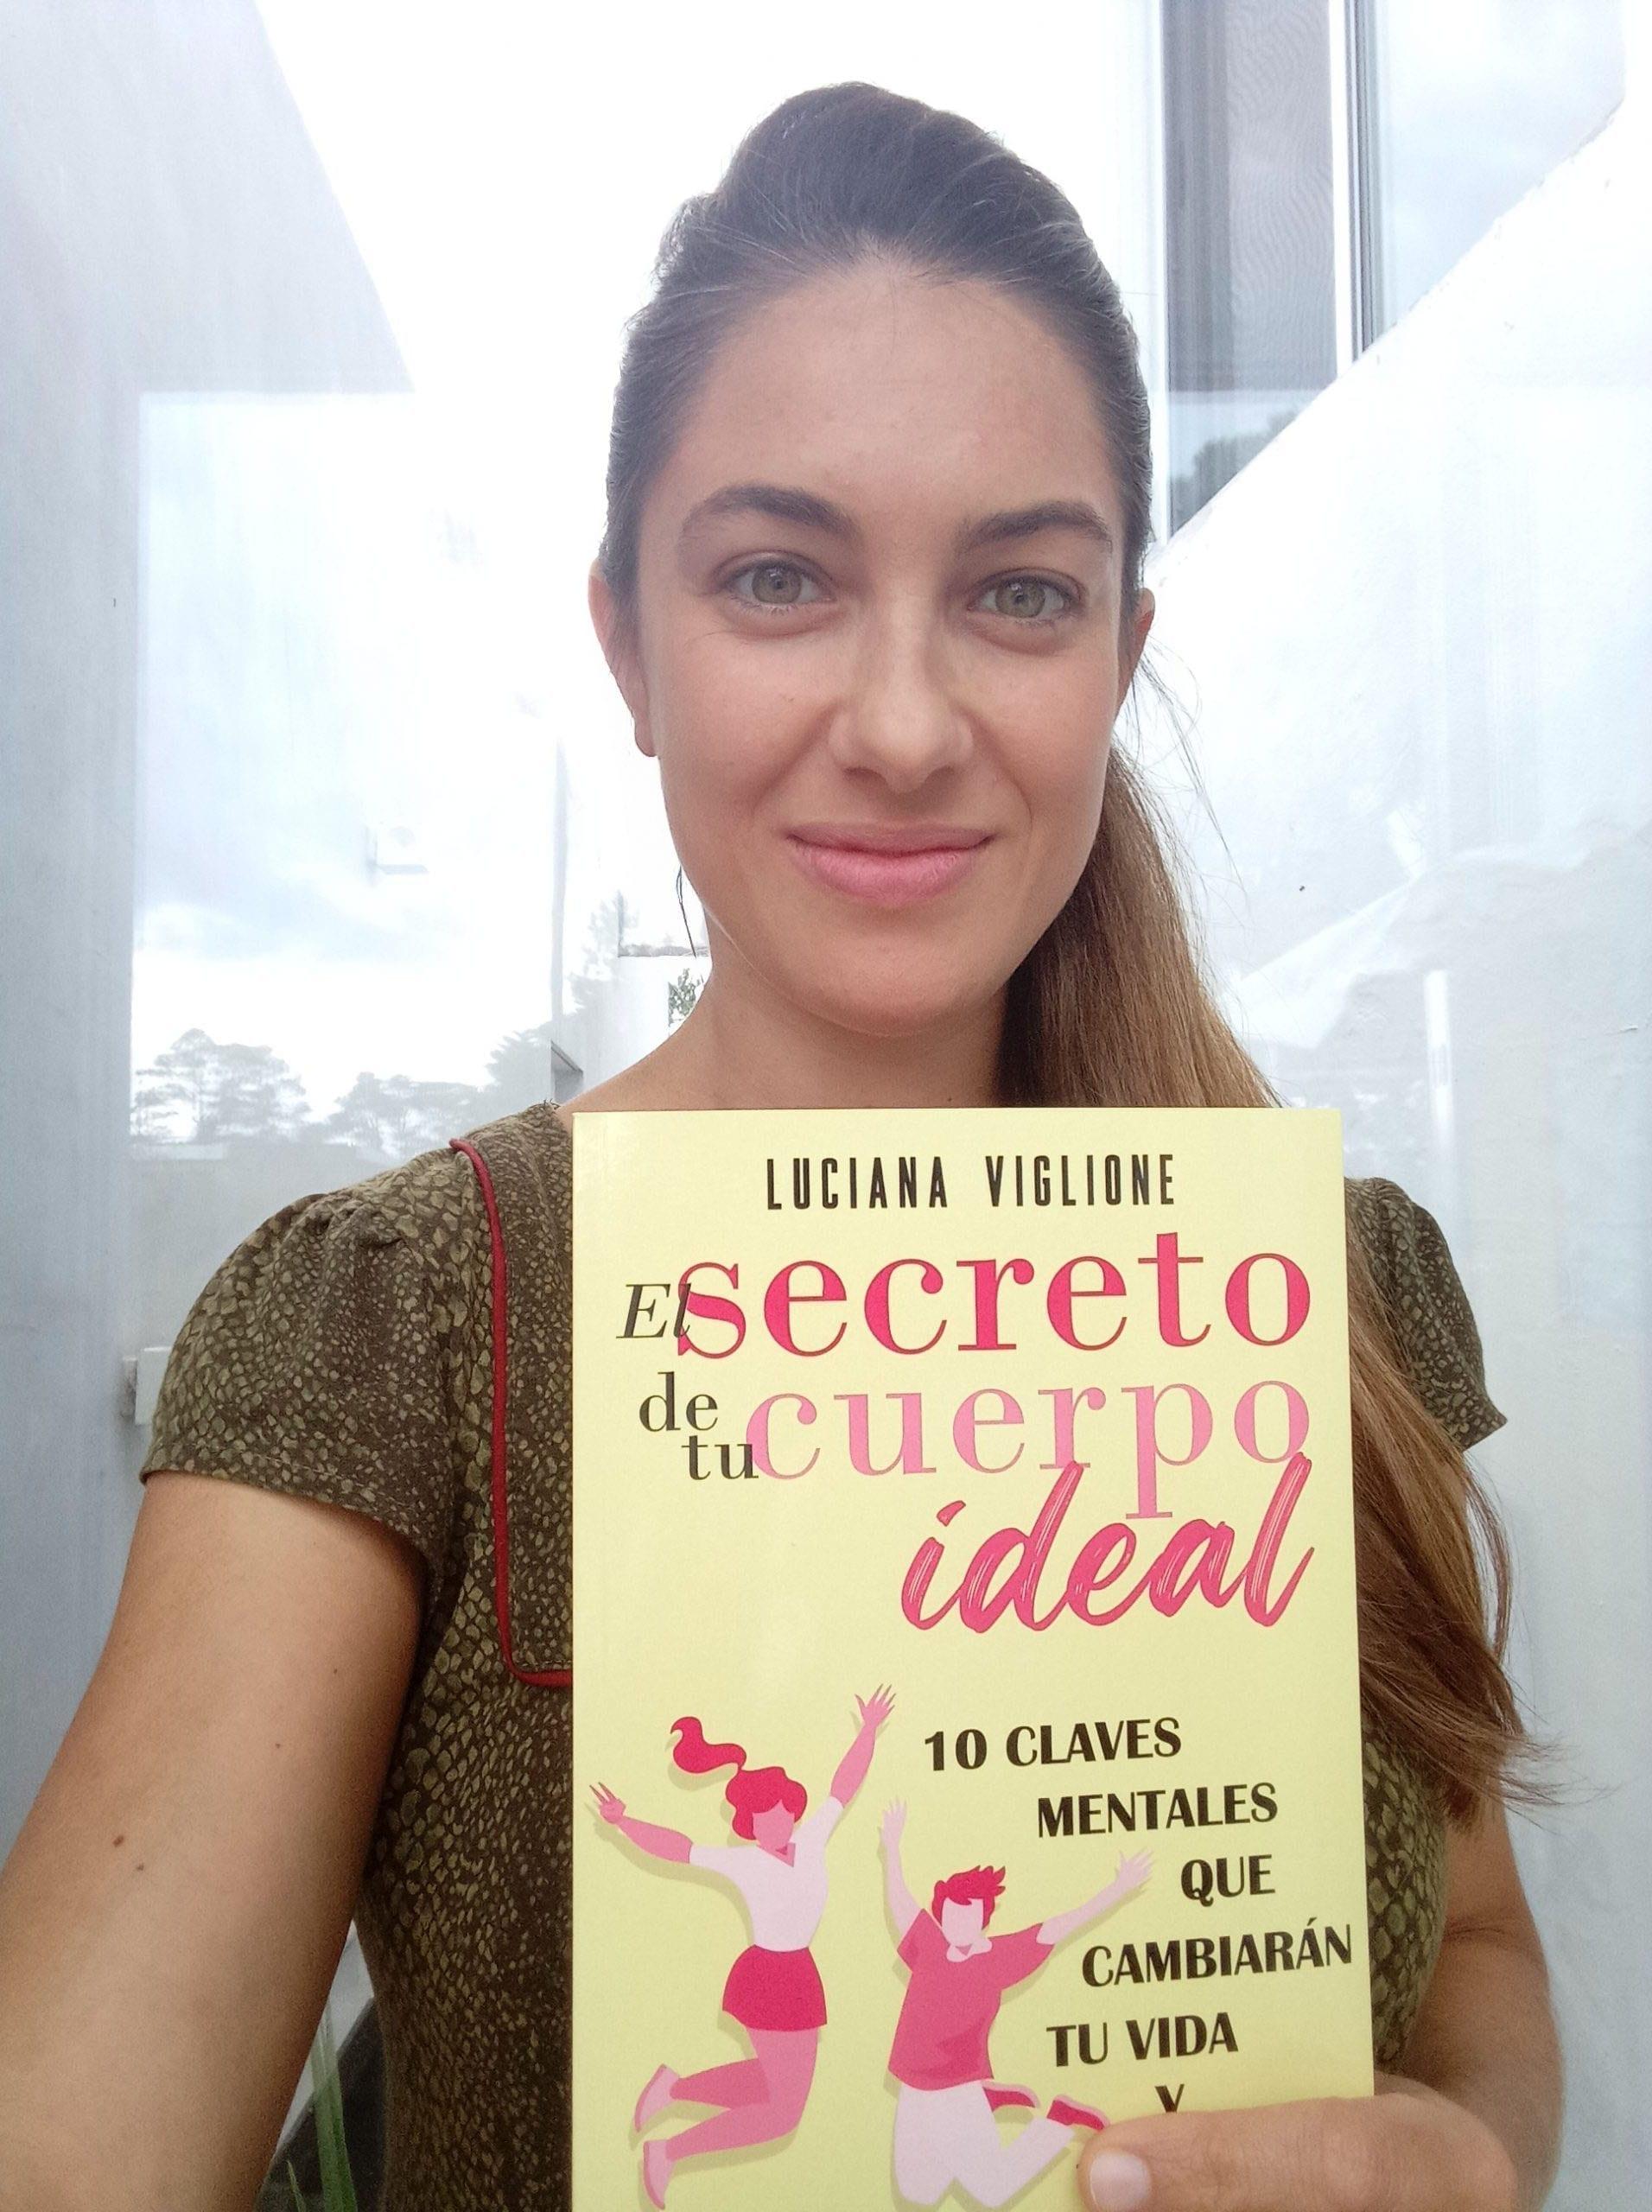 Luciana Viglione